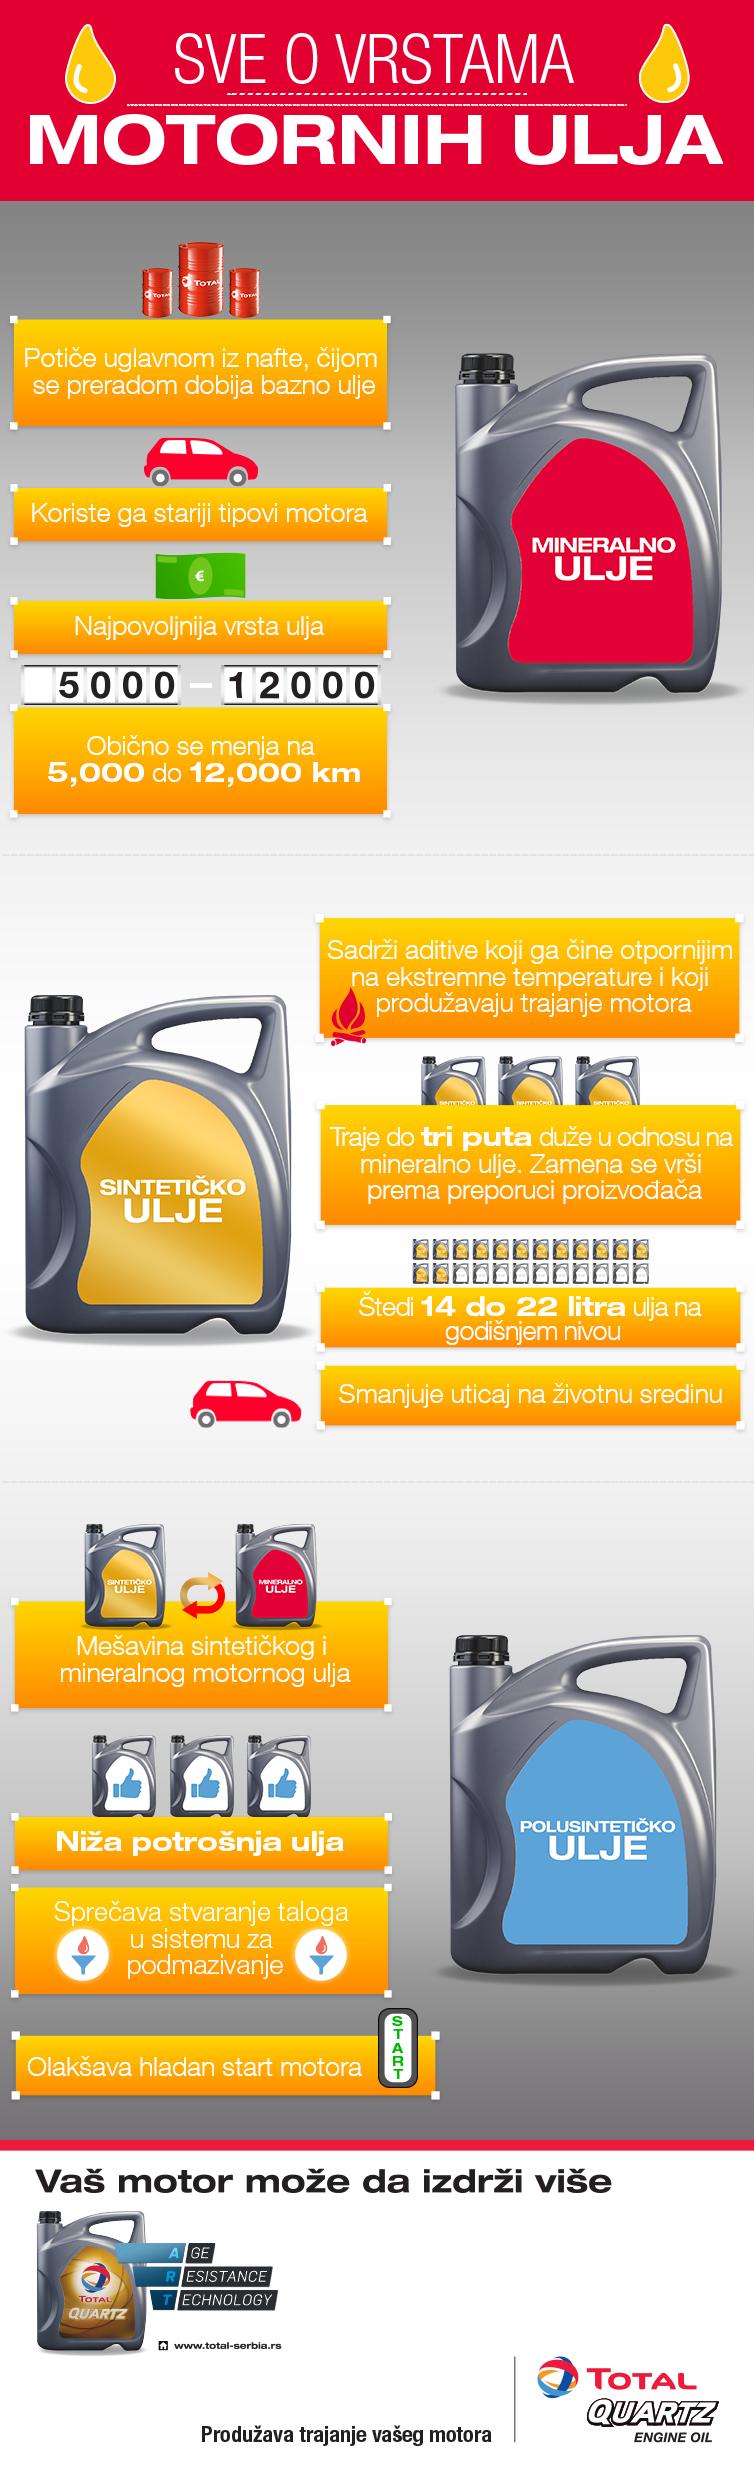 Sve o vrstama motornih ulja